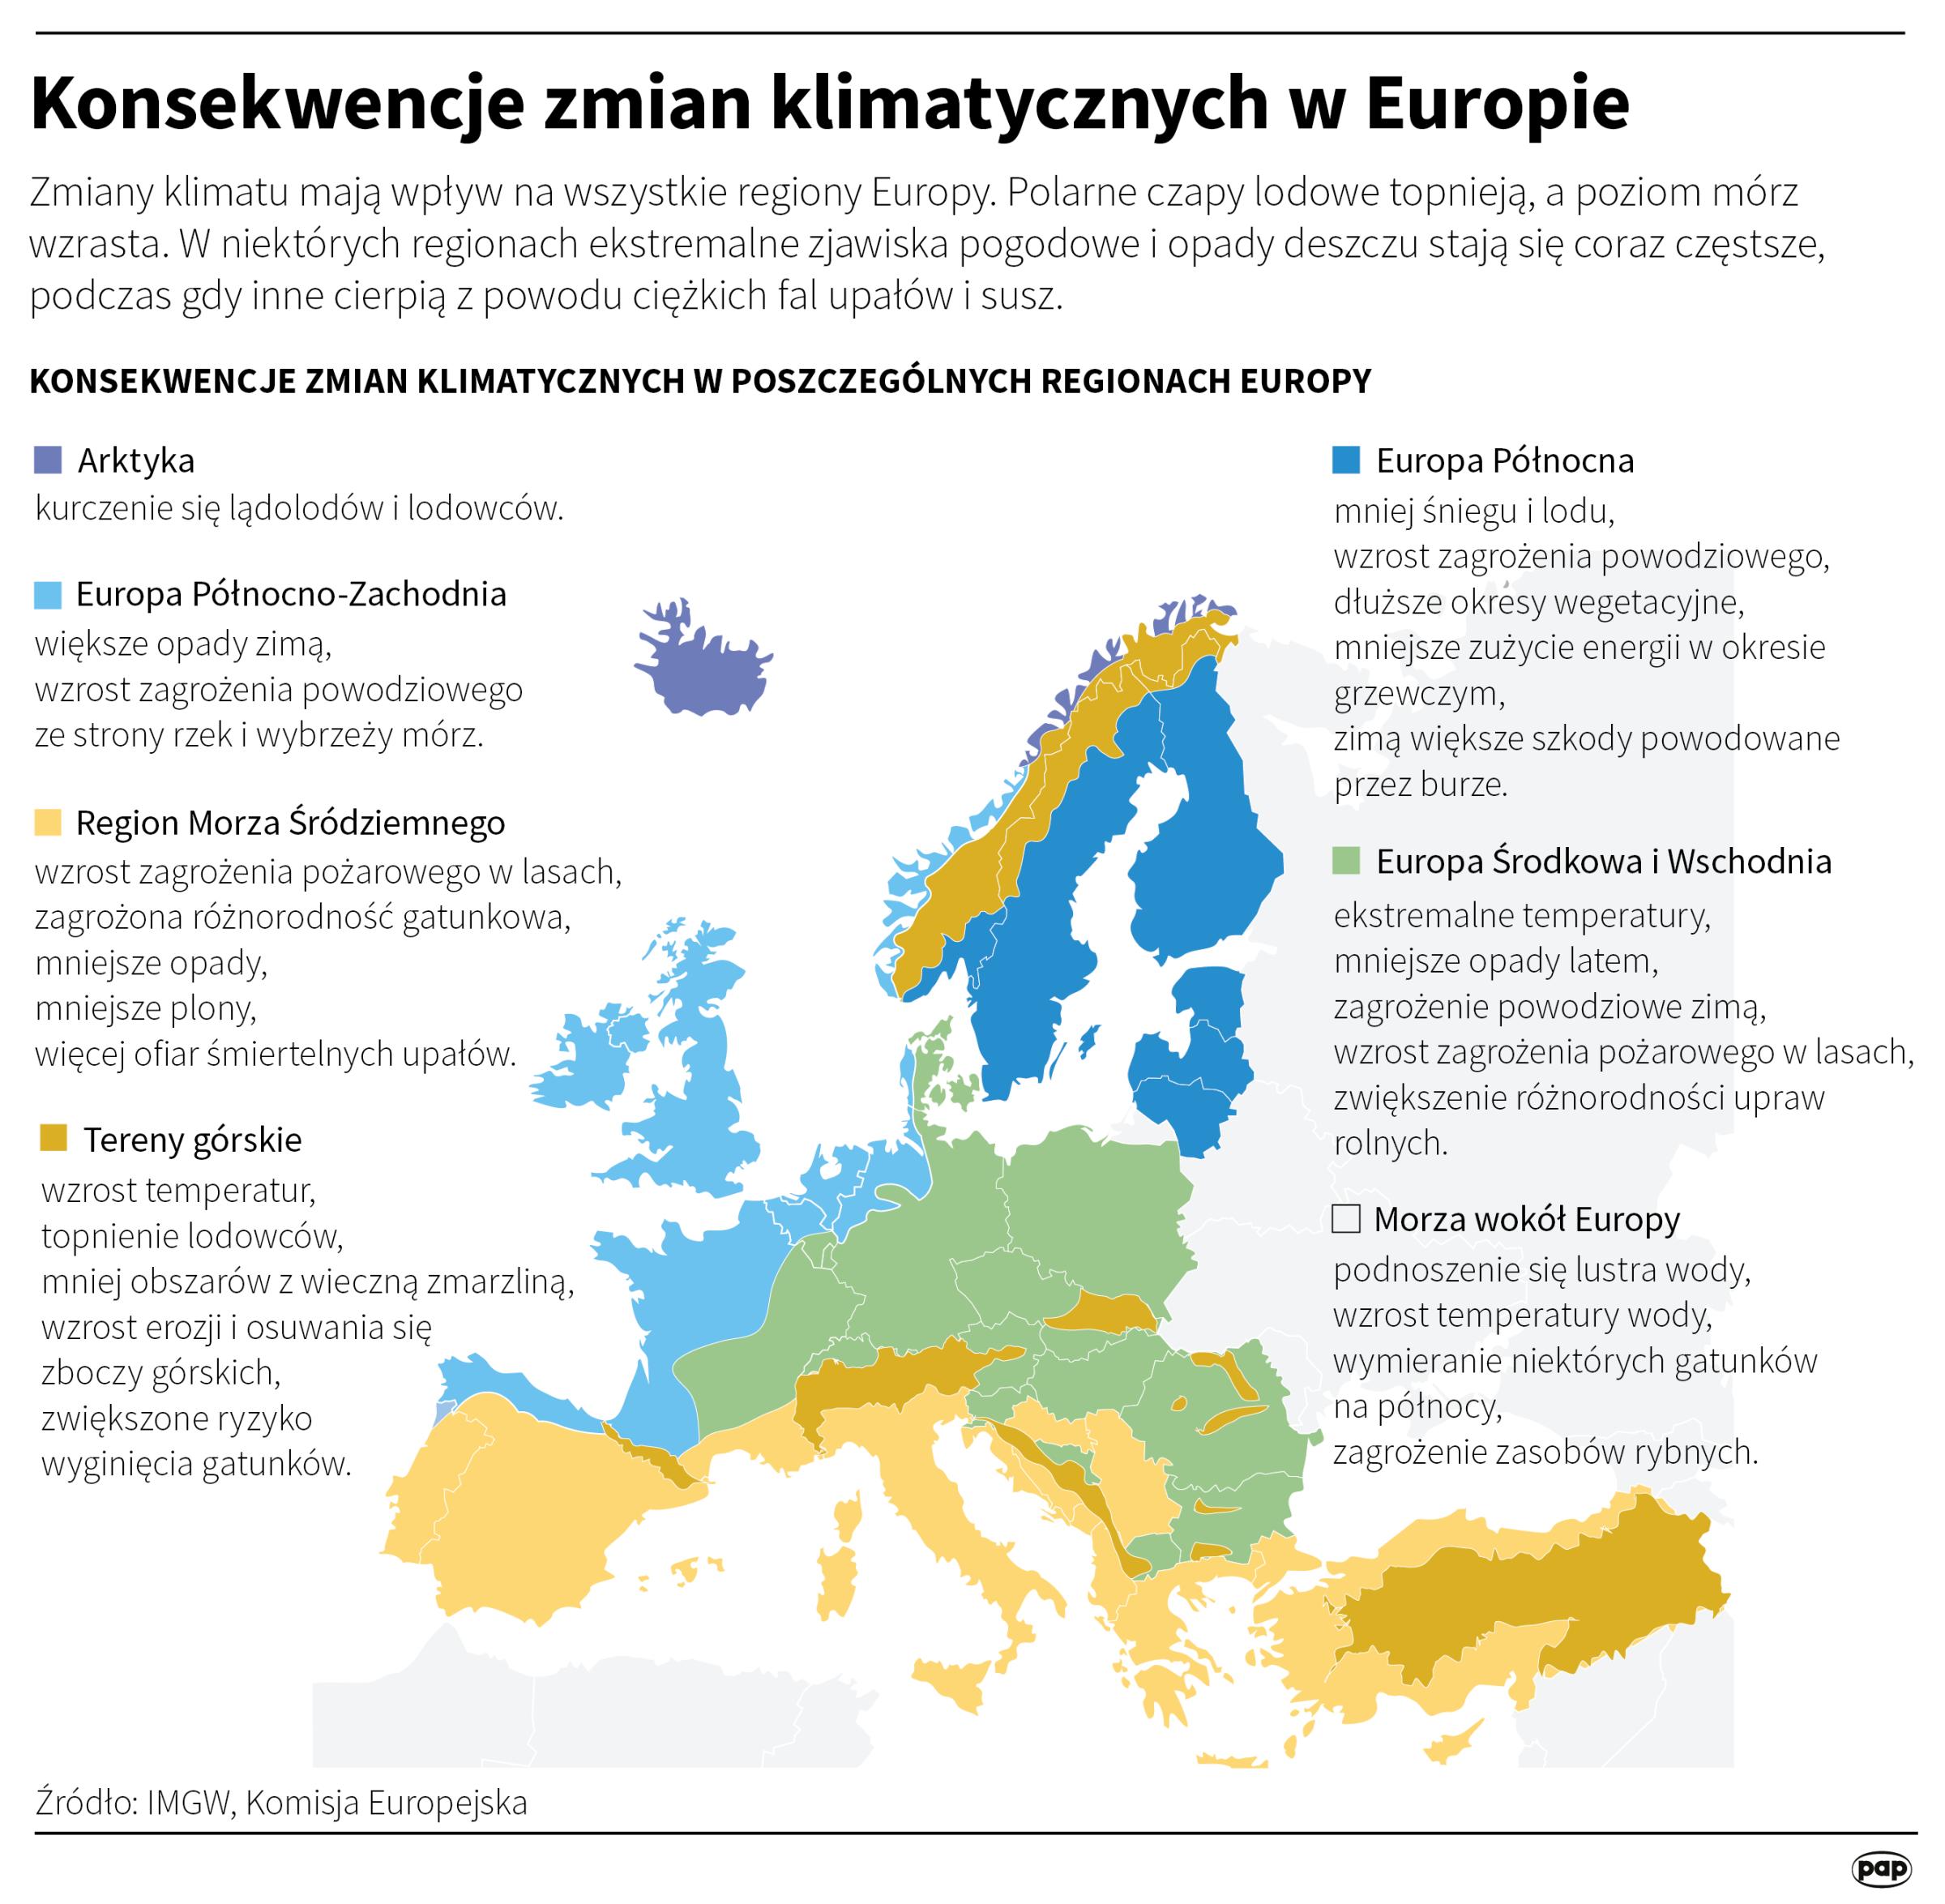 COP24: Konsekwencje zmian klimatycznych w Europie